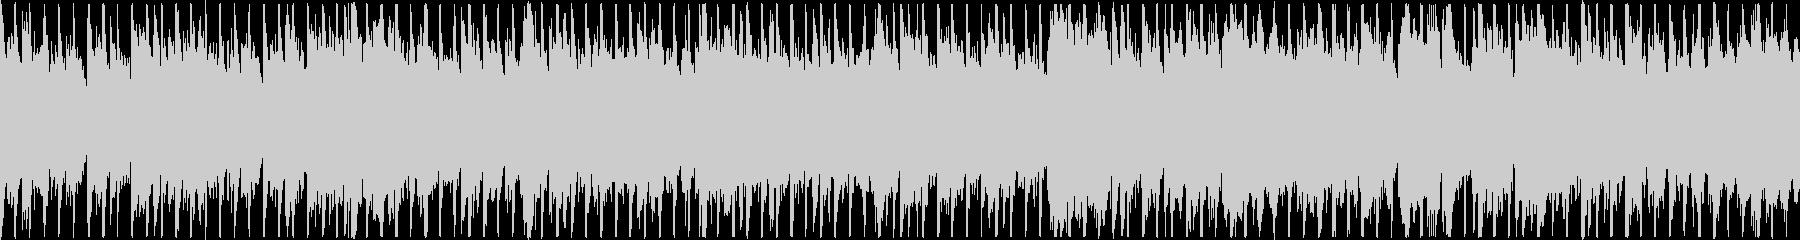 ピアノの旋律が印象的なオーケストラベースの未再生の波形